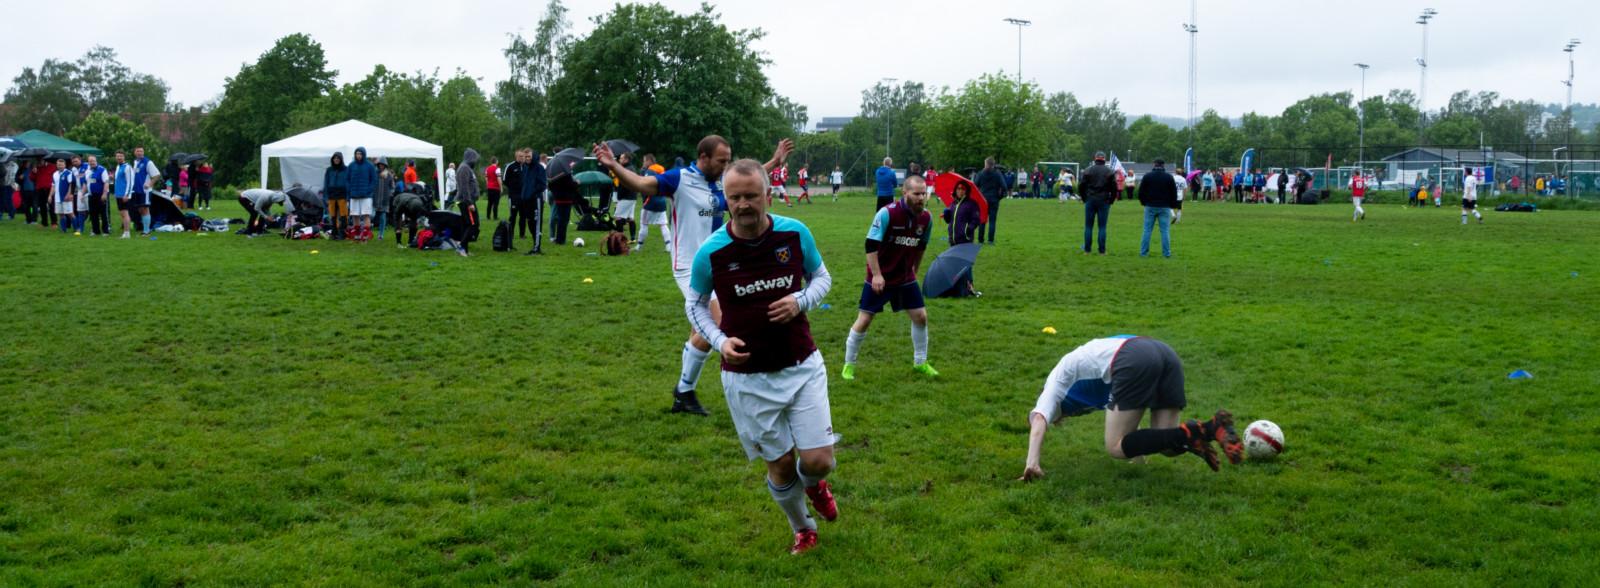 Bilder Supportercup